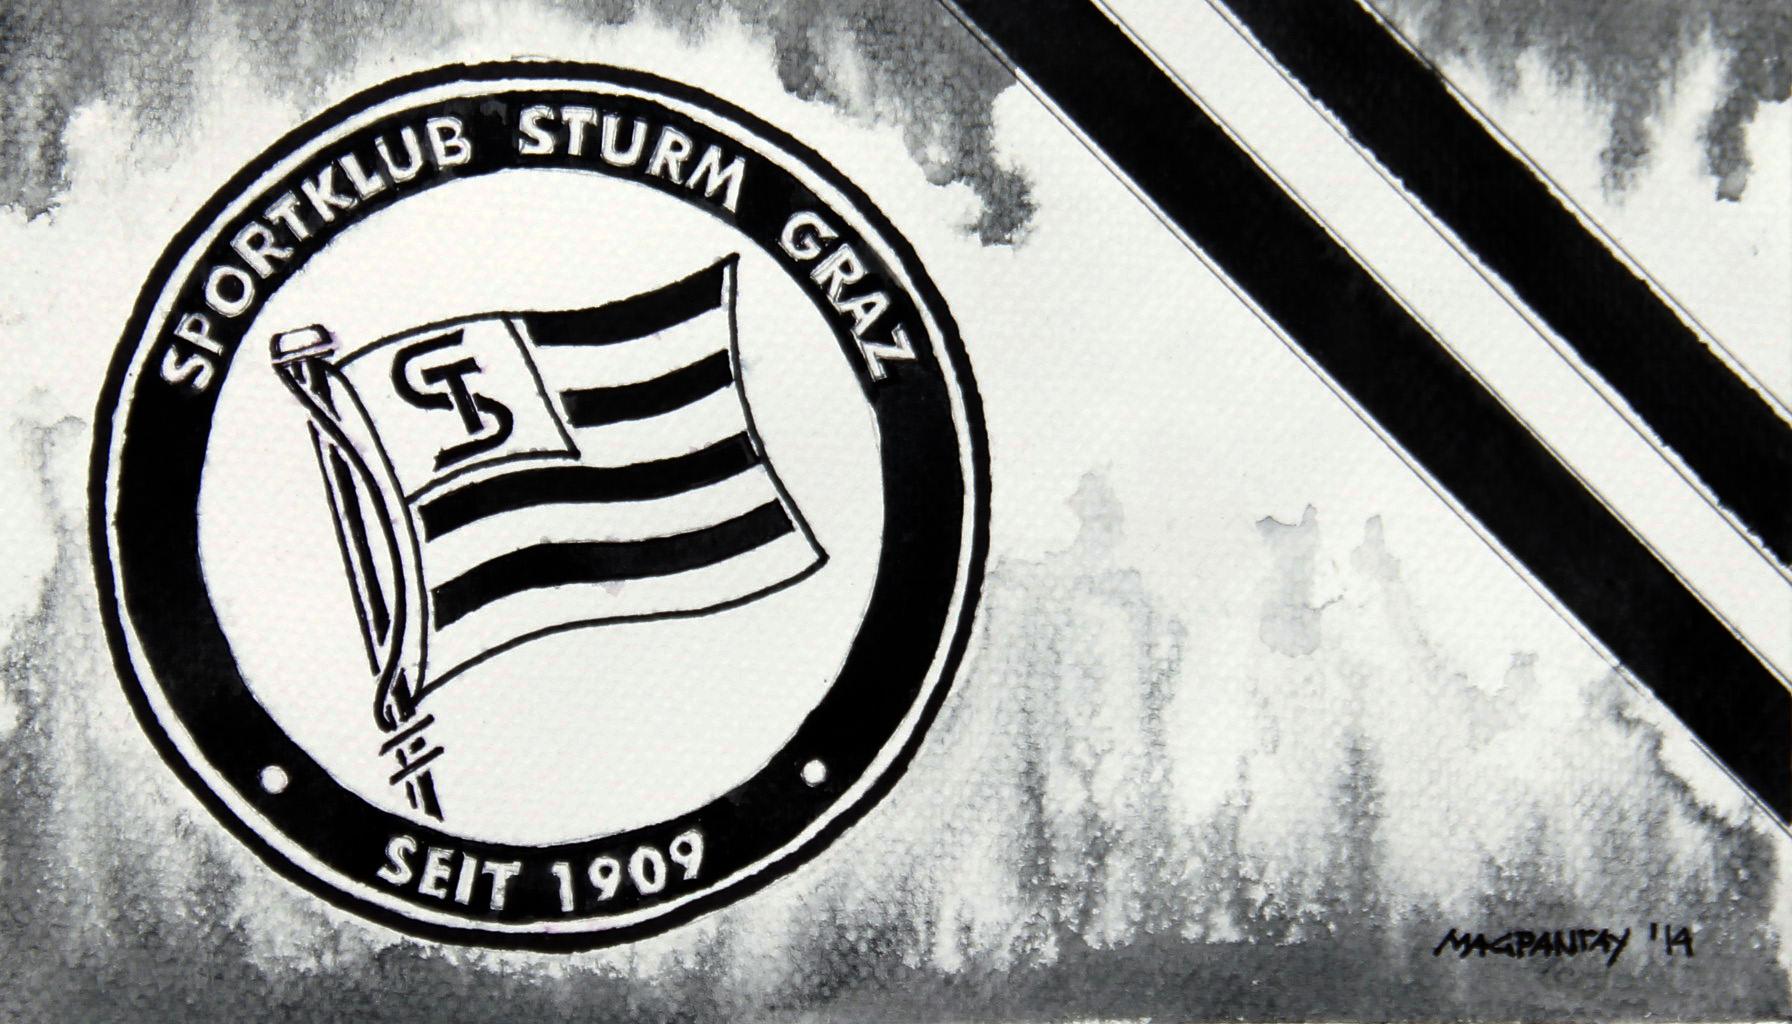 Sturm Graz Josko Ried